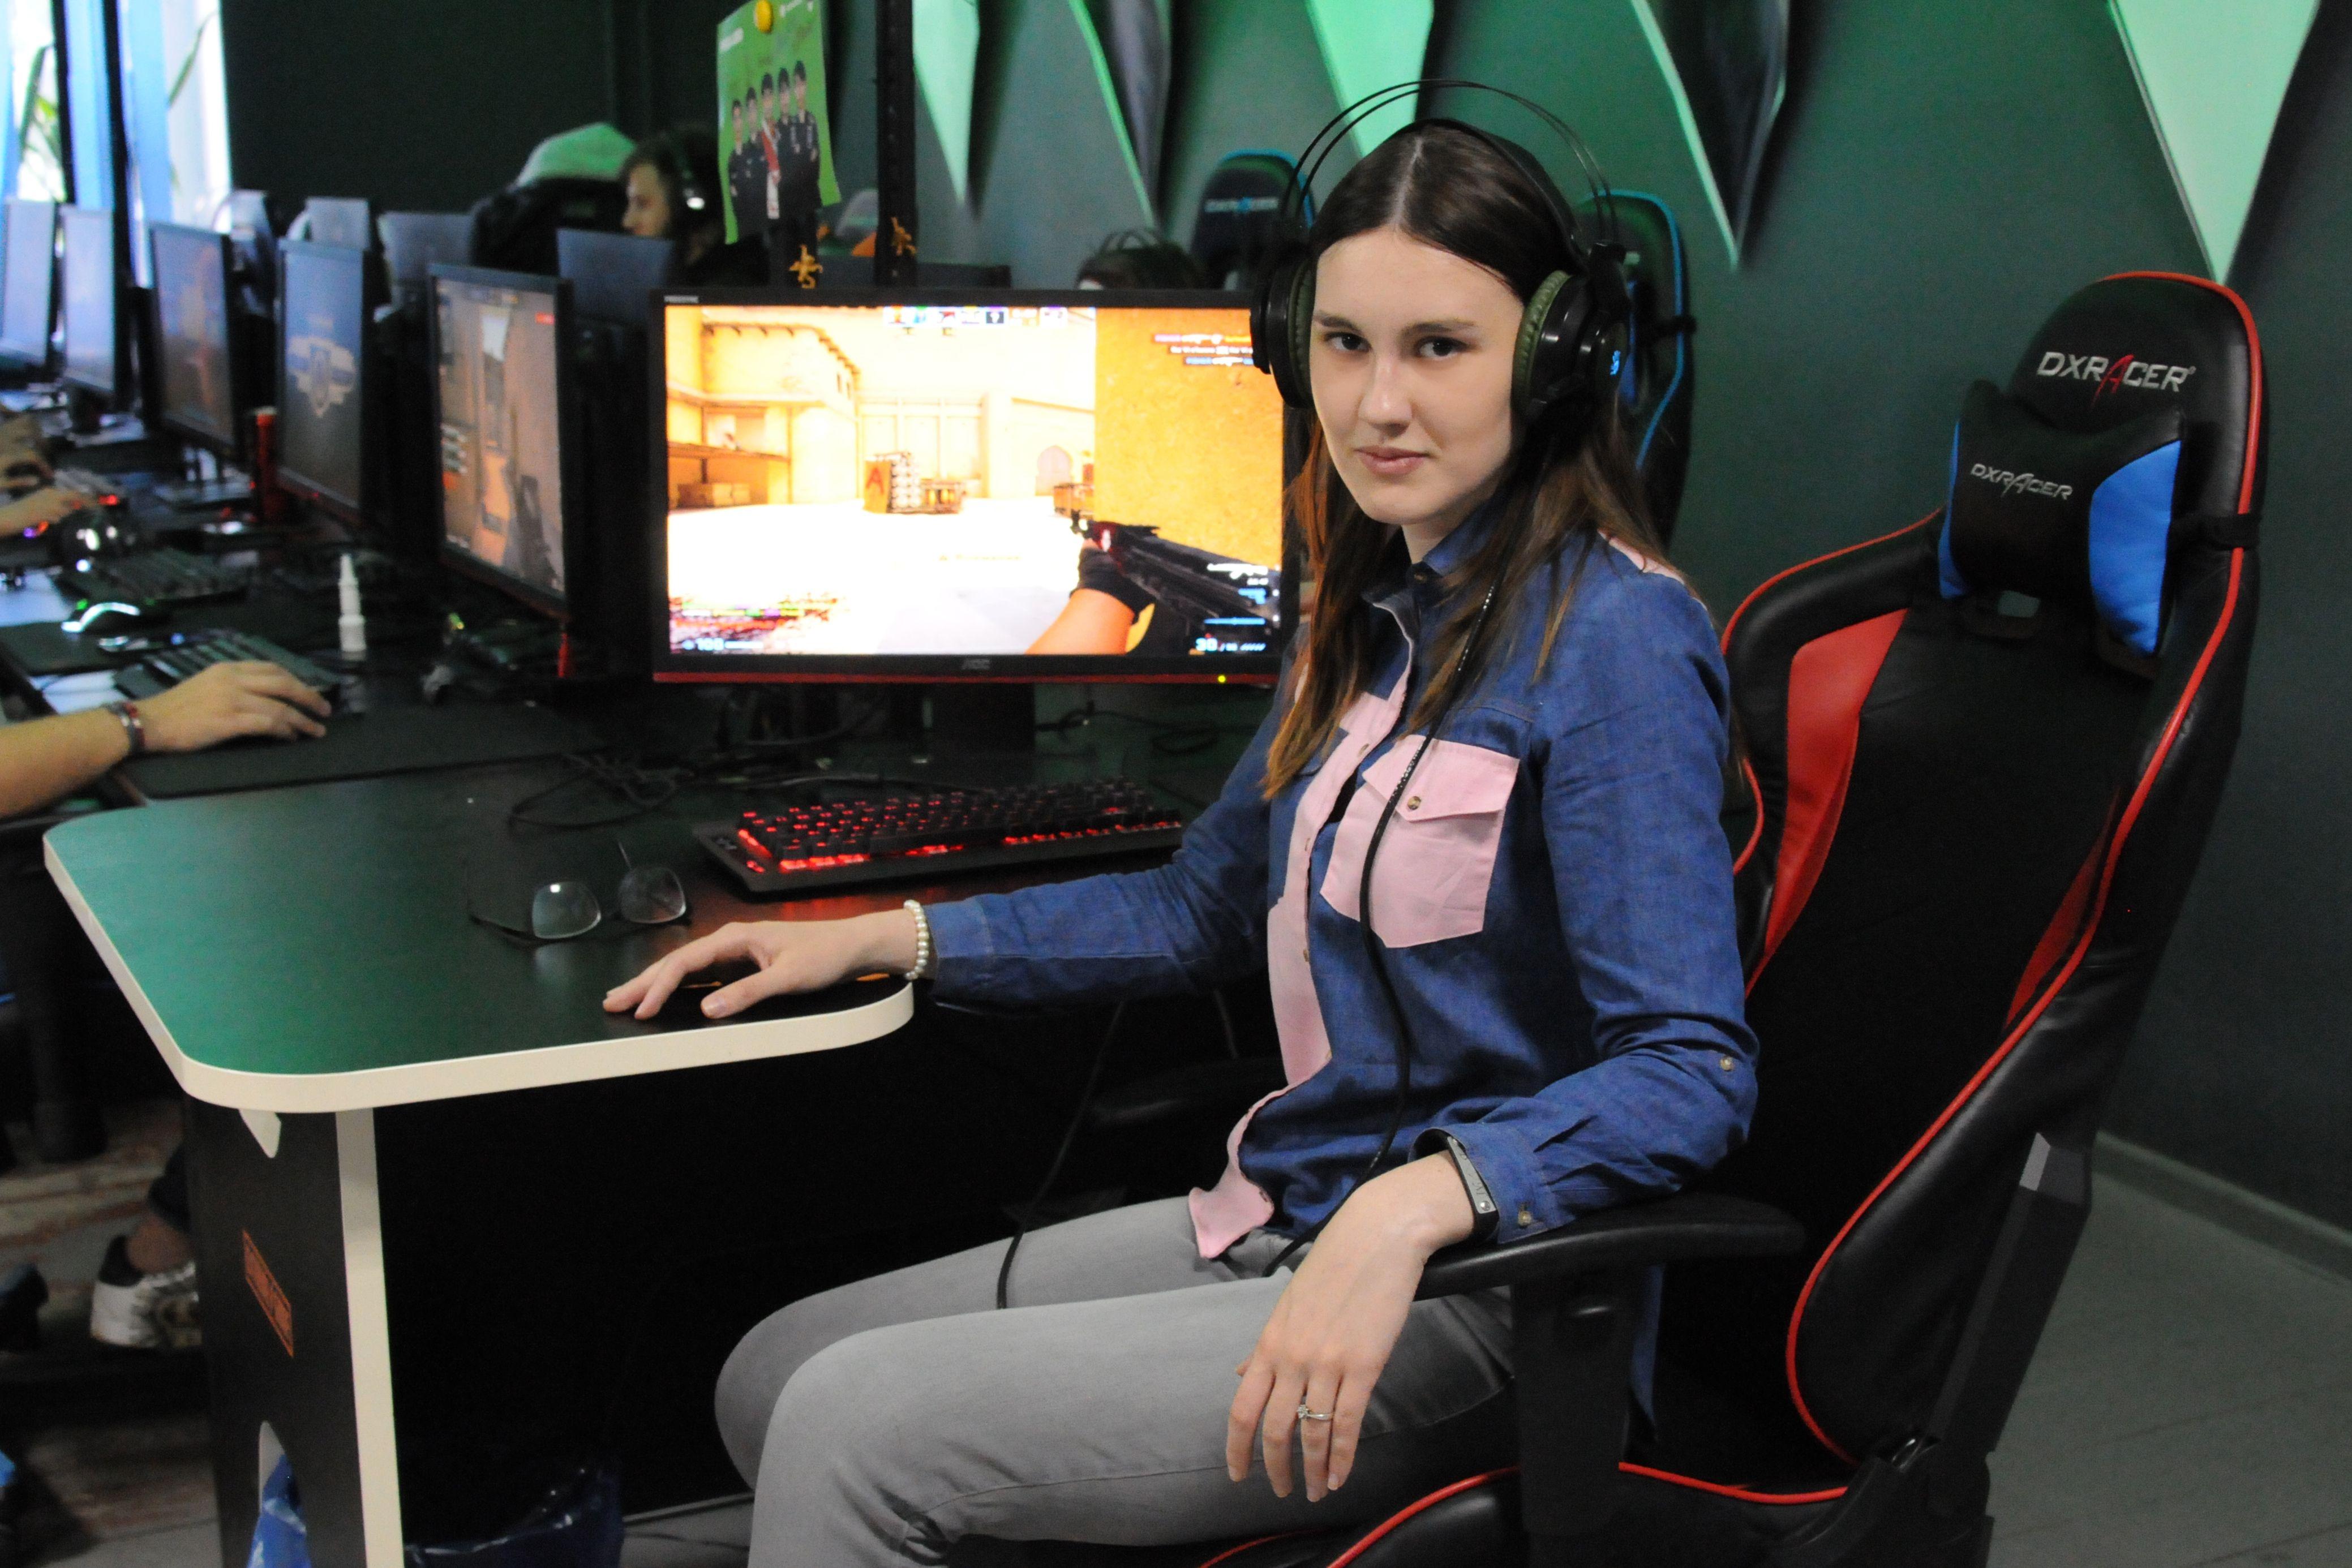 Центр киберспорта планируют возвести в Новой Москве